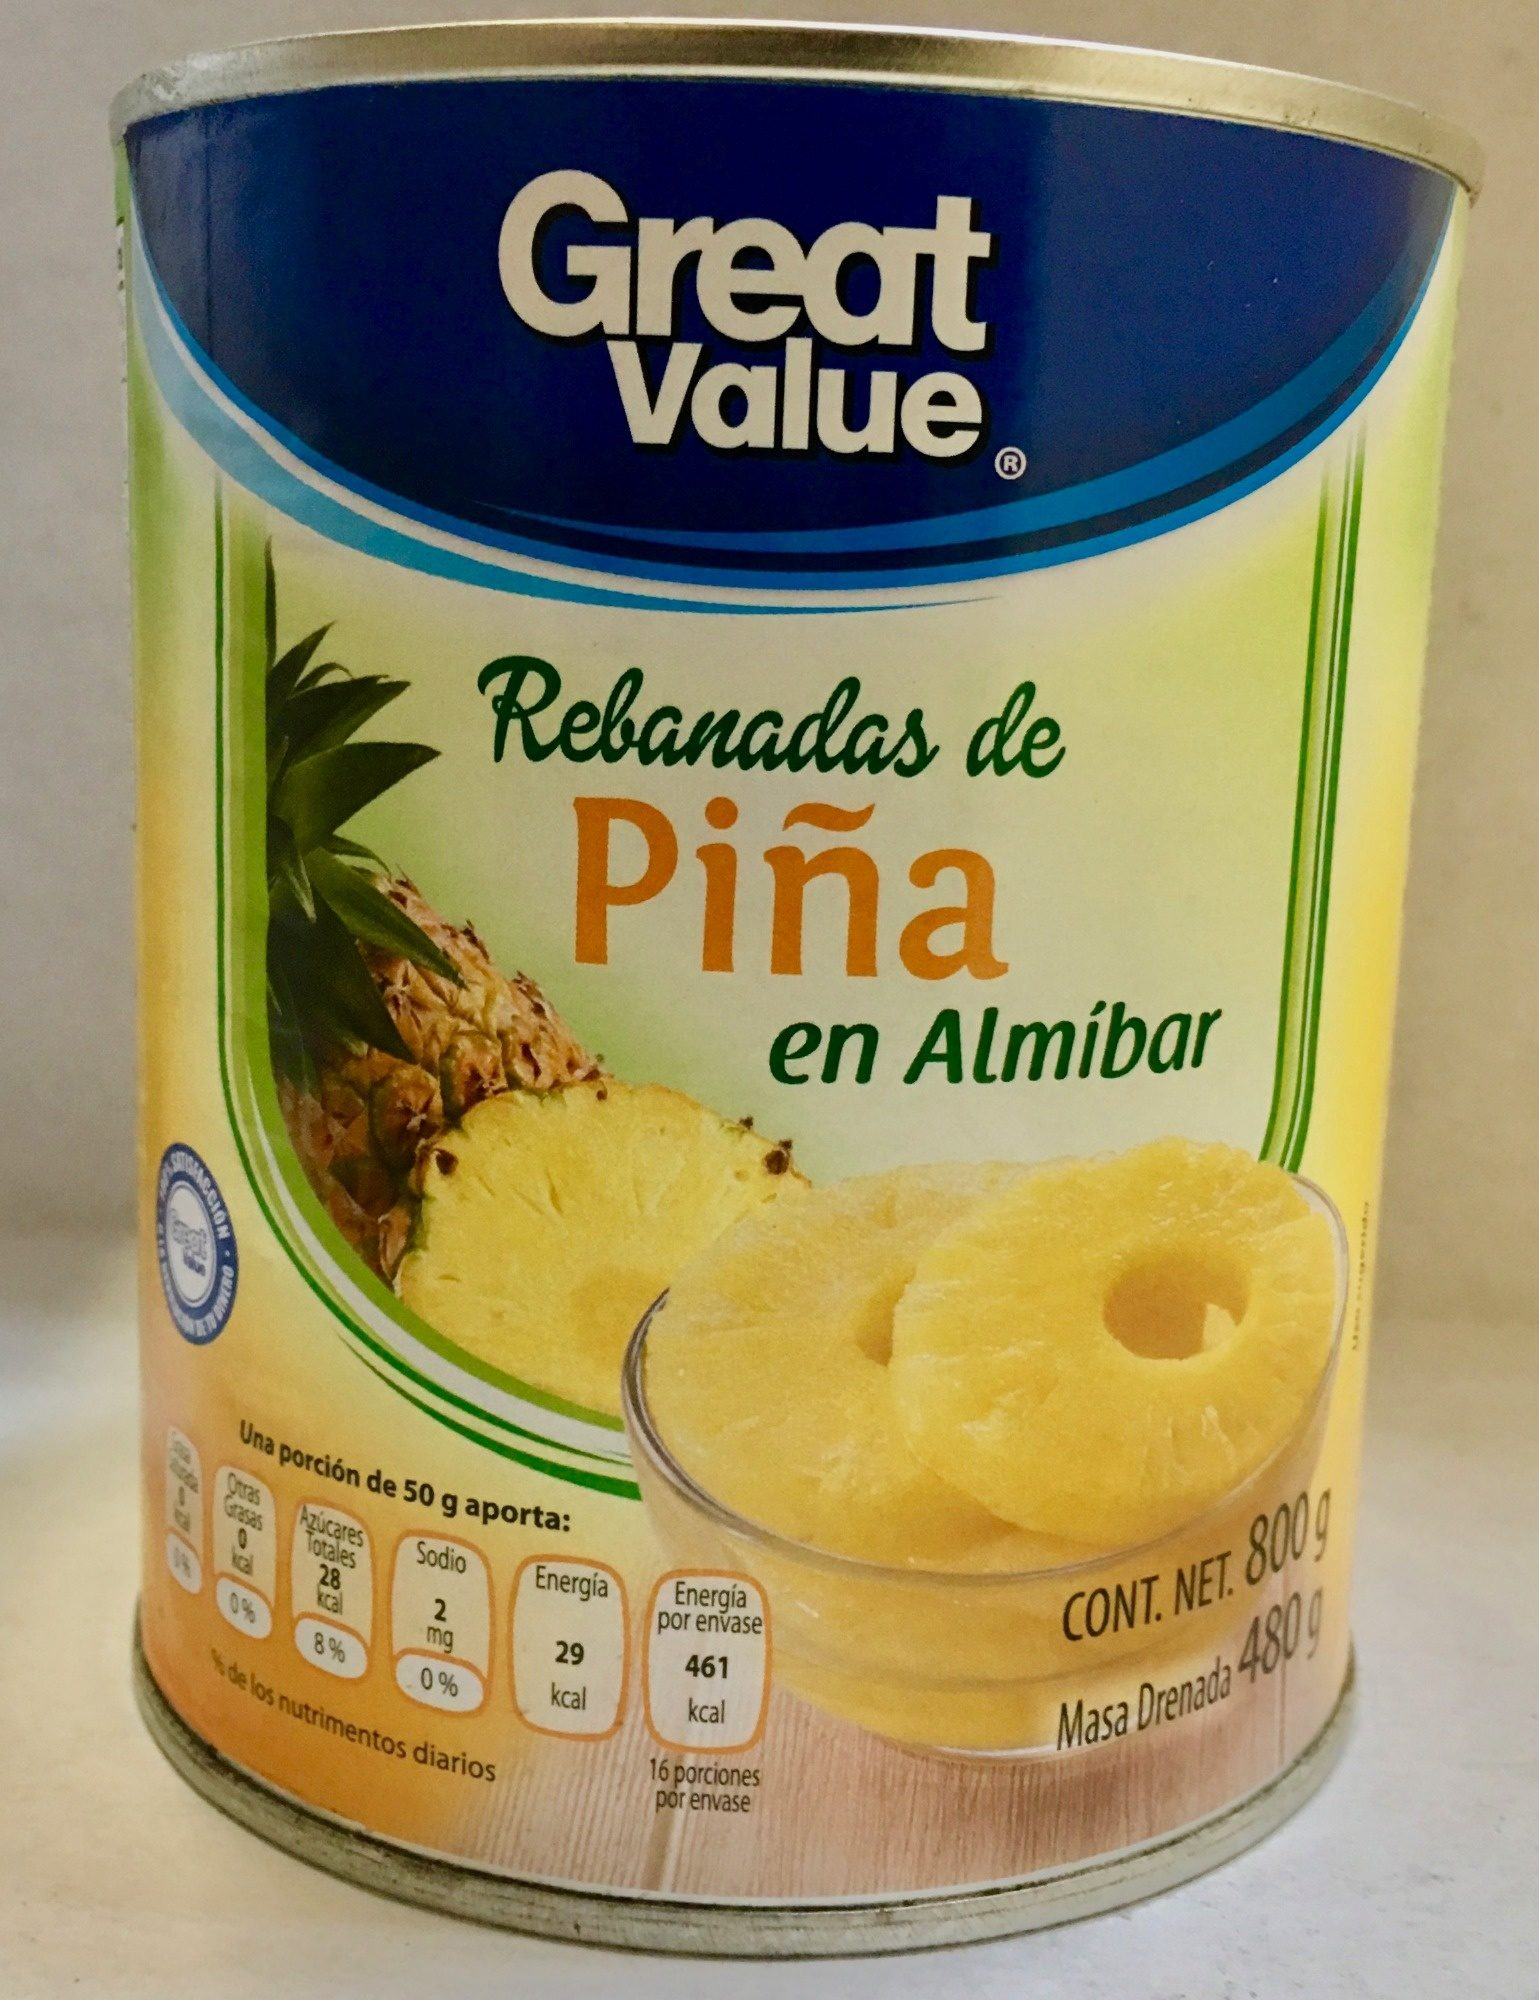 REBANADAS DE PIÑA EN ALMÍBAR GREAT VALUE - Producto - es